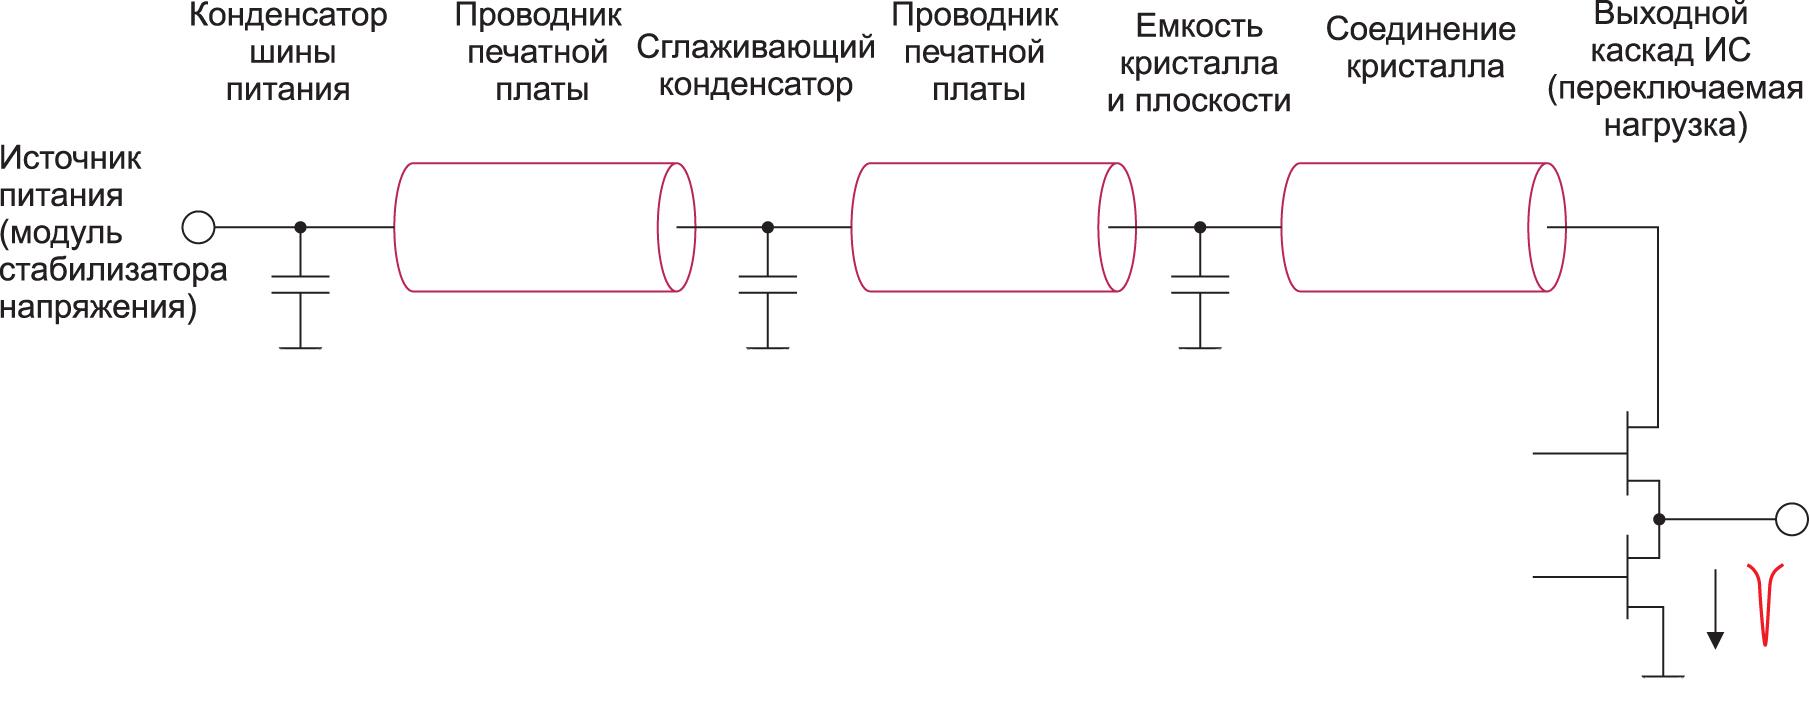 Типовая модель схемы разводки электропитания